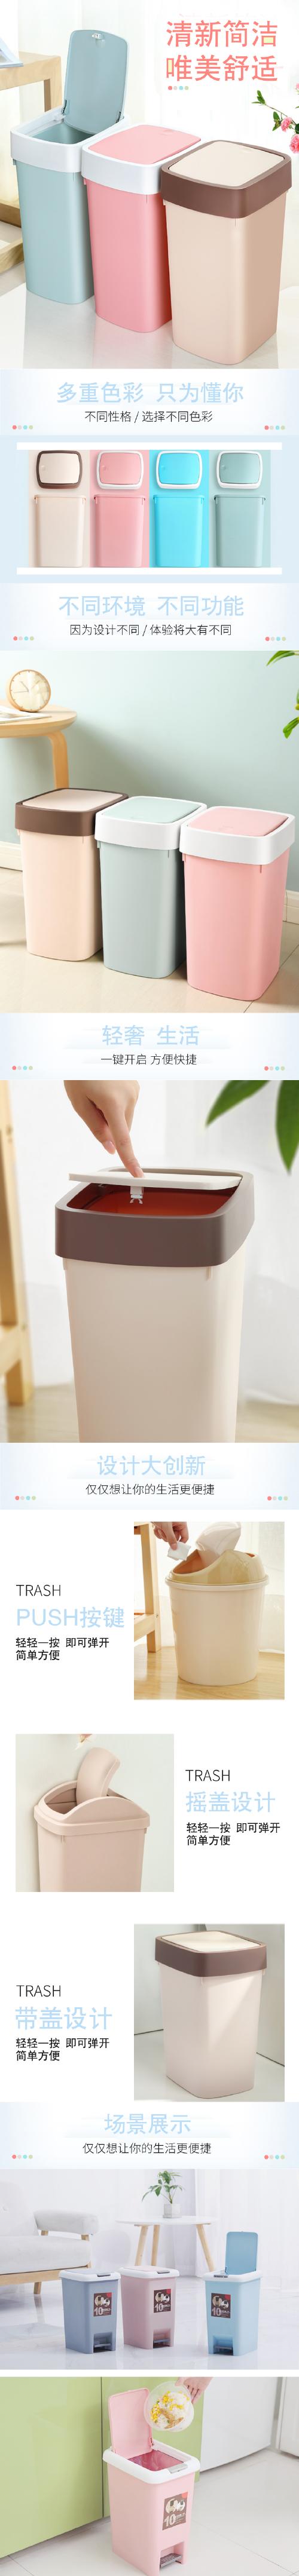 $小清新簡約家具垃圾桶淘寶詳情頁